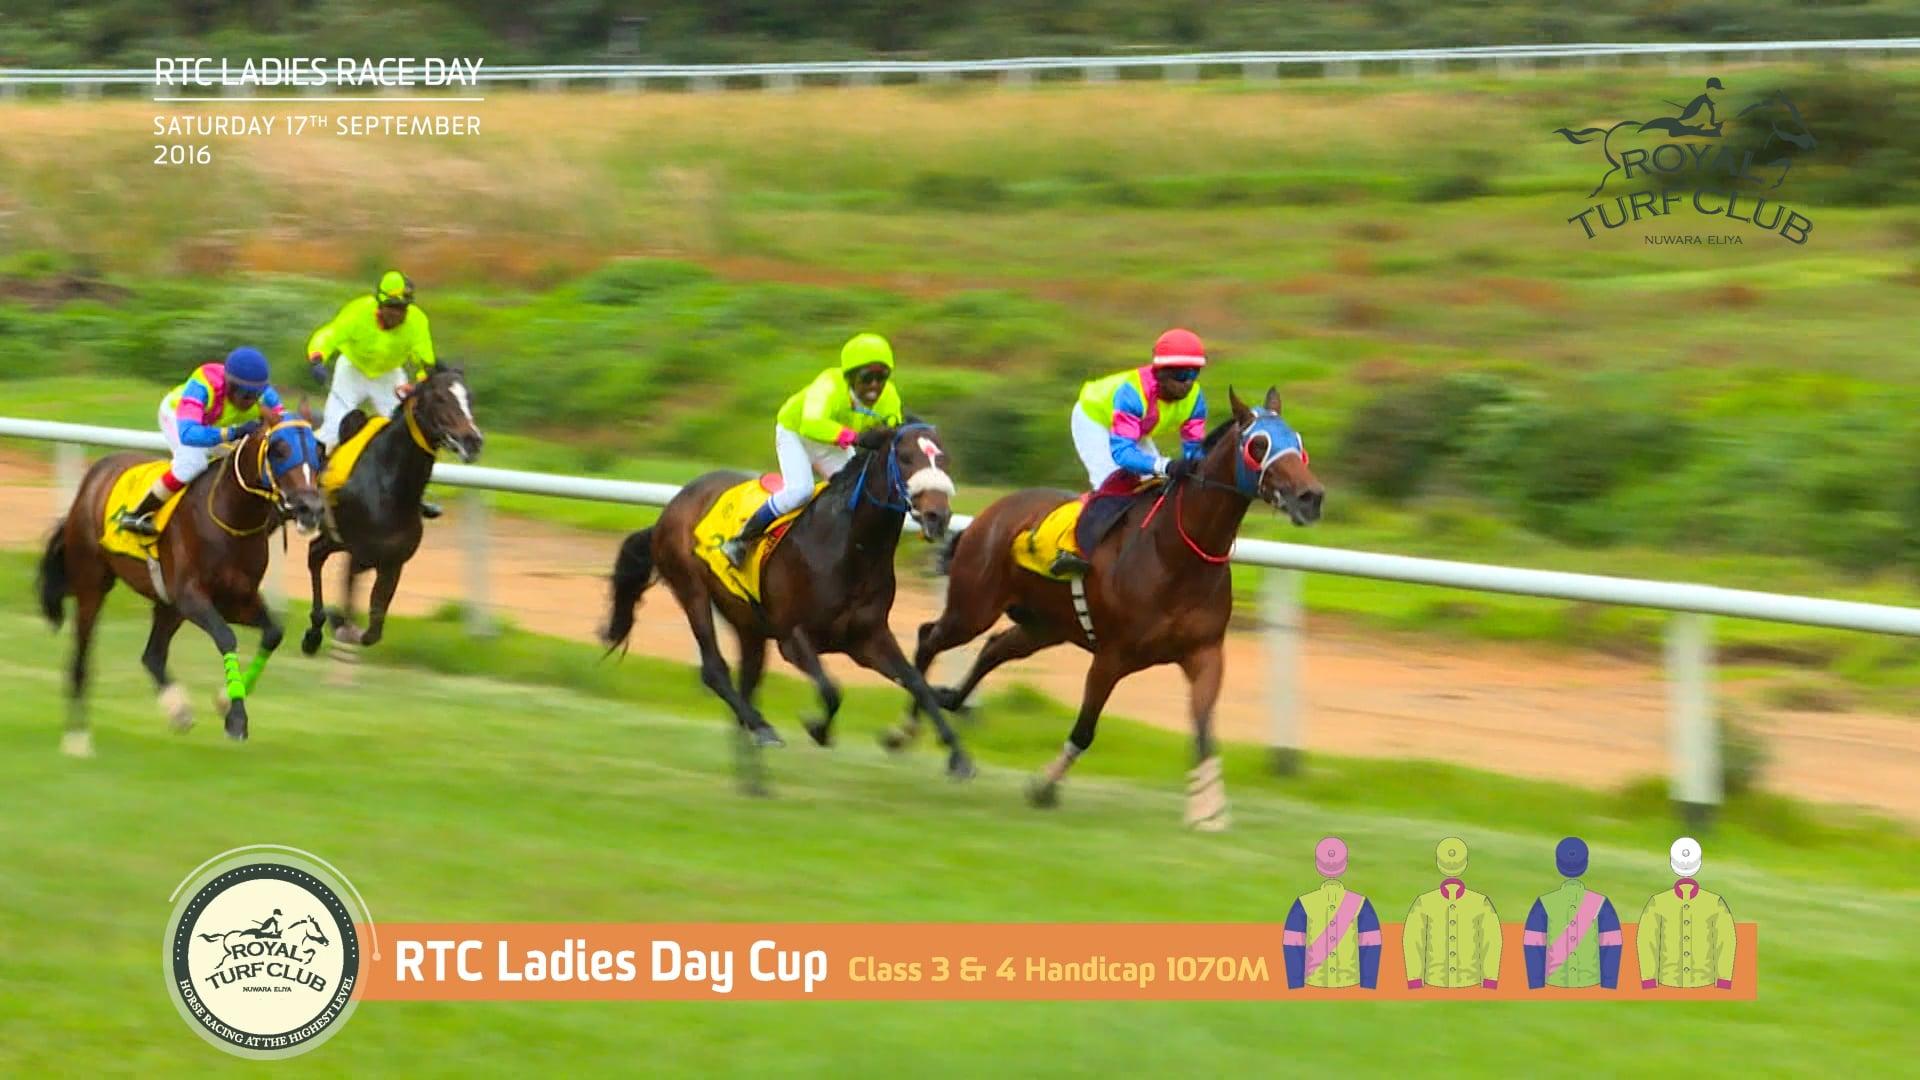 RTC Ladies Raceday 2016